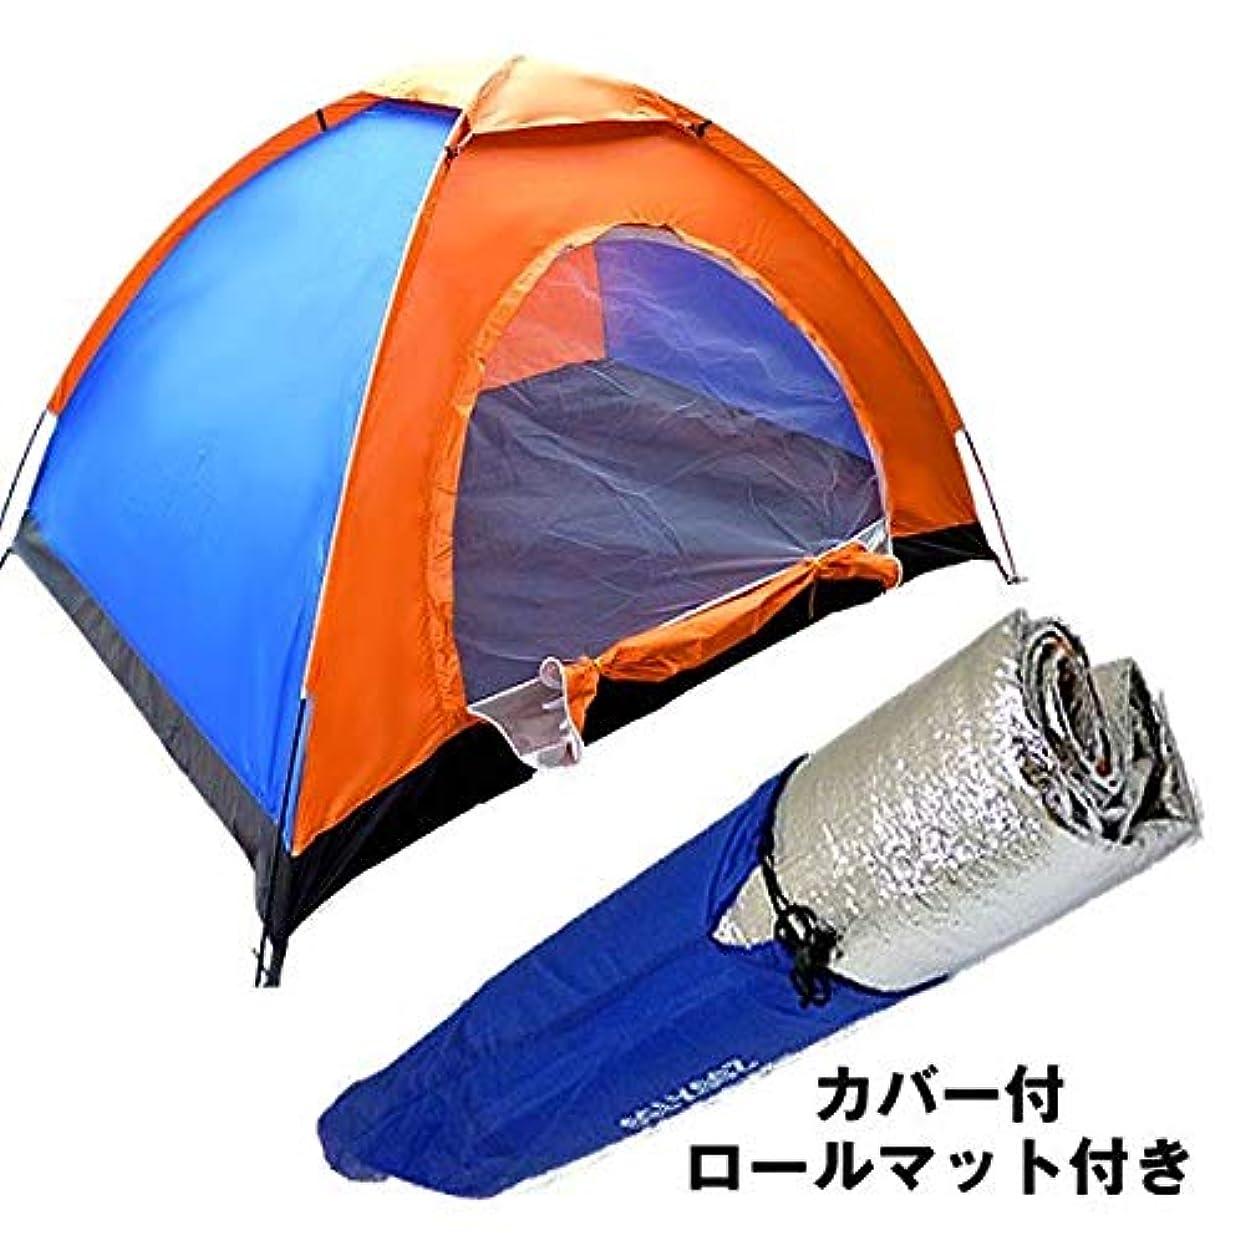 ビリー子孫パステルアウトドア用品 1人用 テント ゆったりサイズ 軽量タイプ アルミロールマット付 専用ケース入り